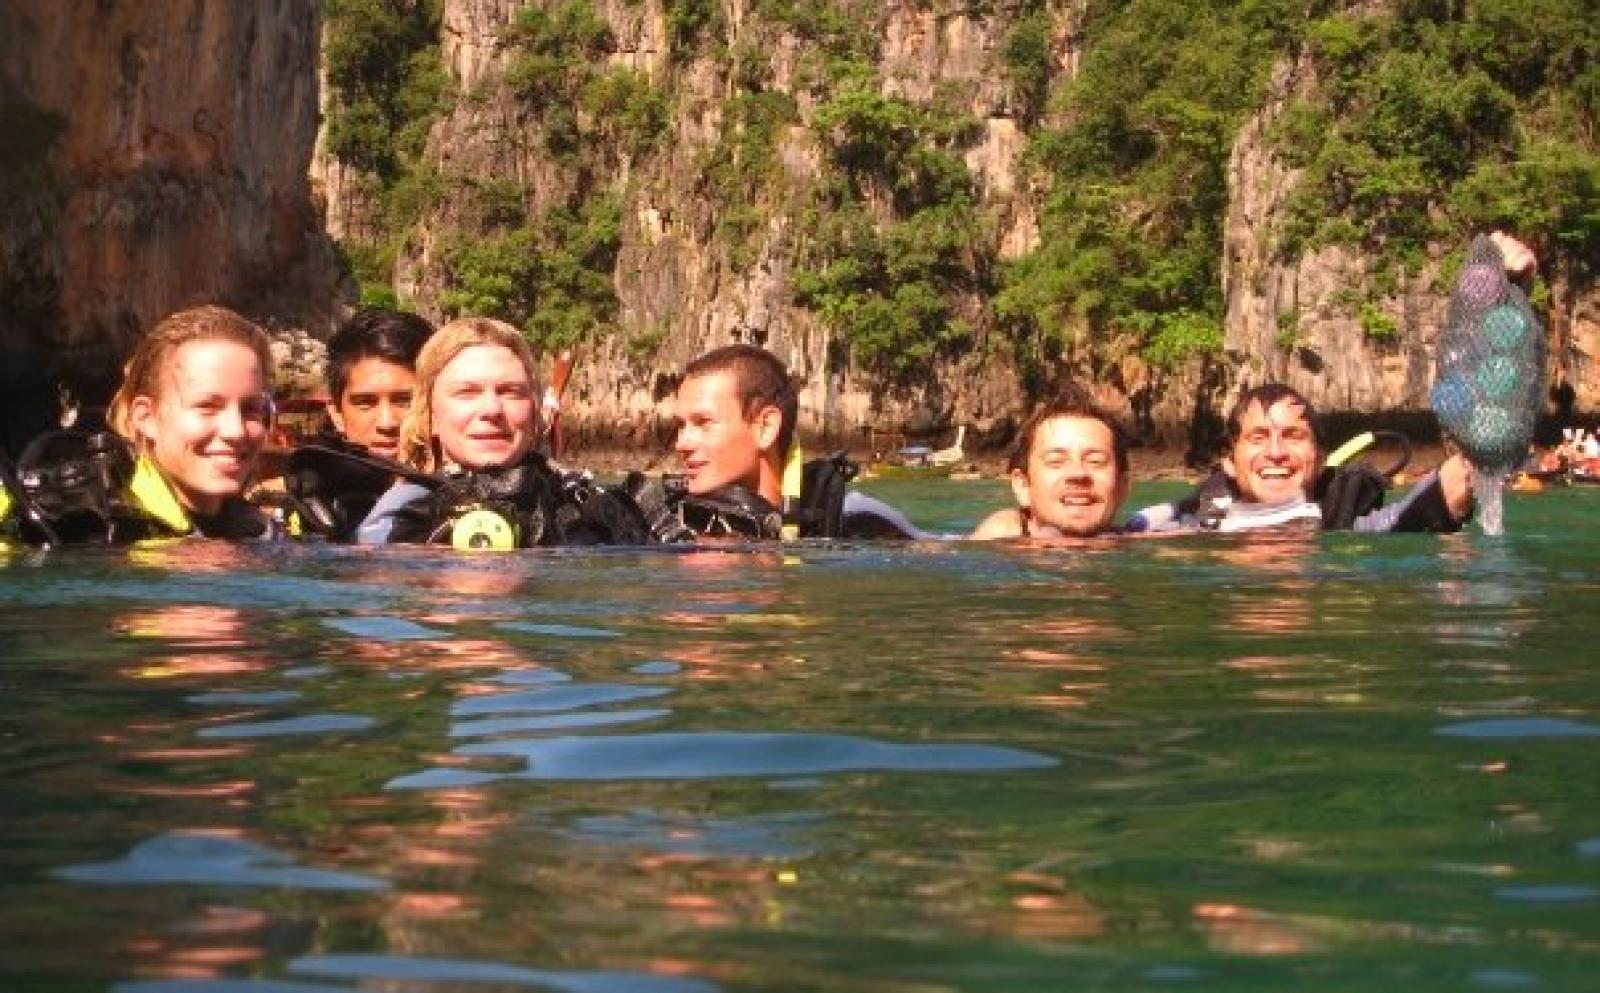 Tauchen & Meeresschutz in Thailand von Selina B